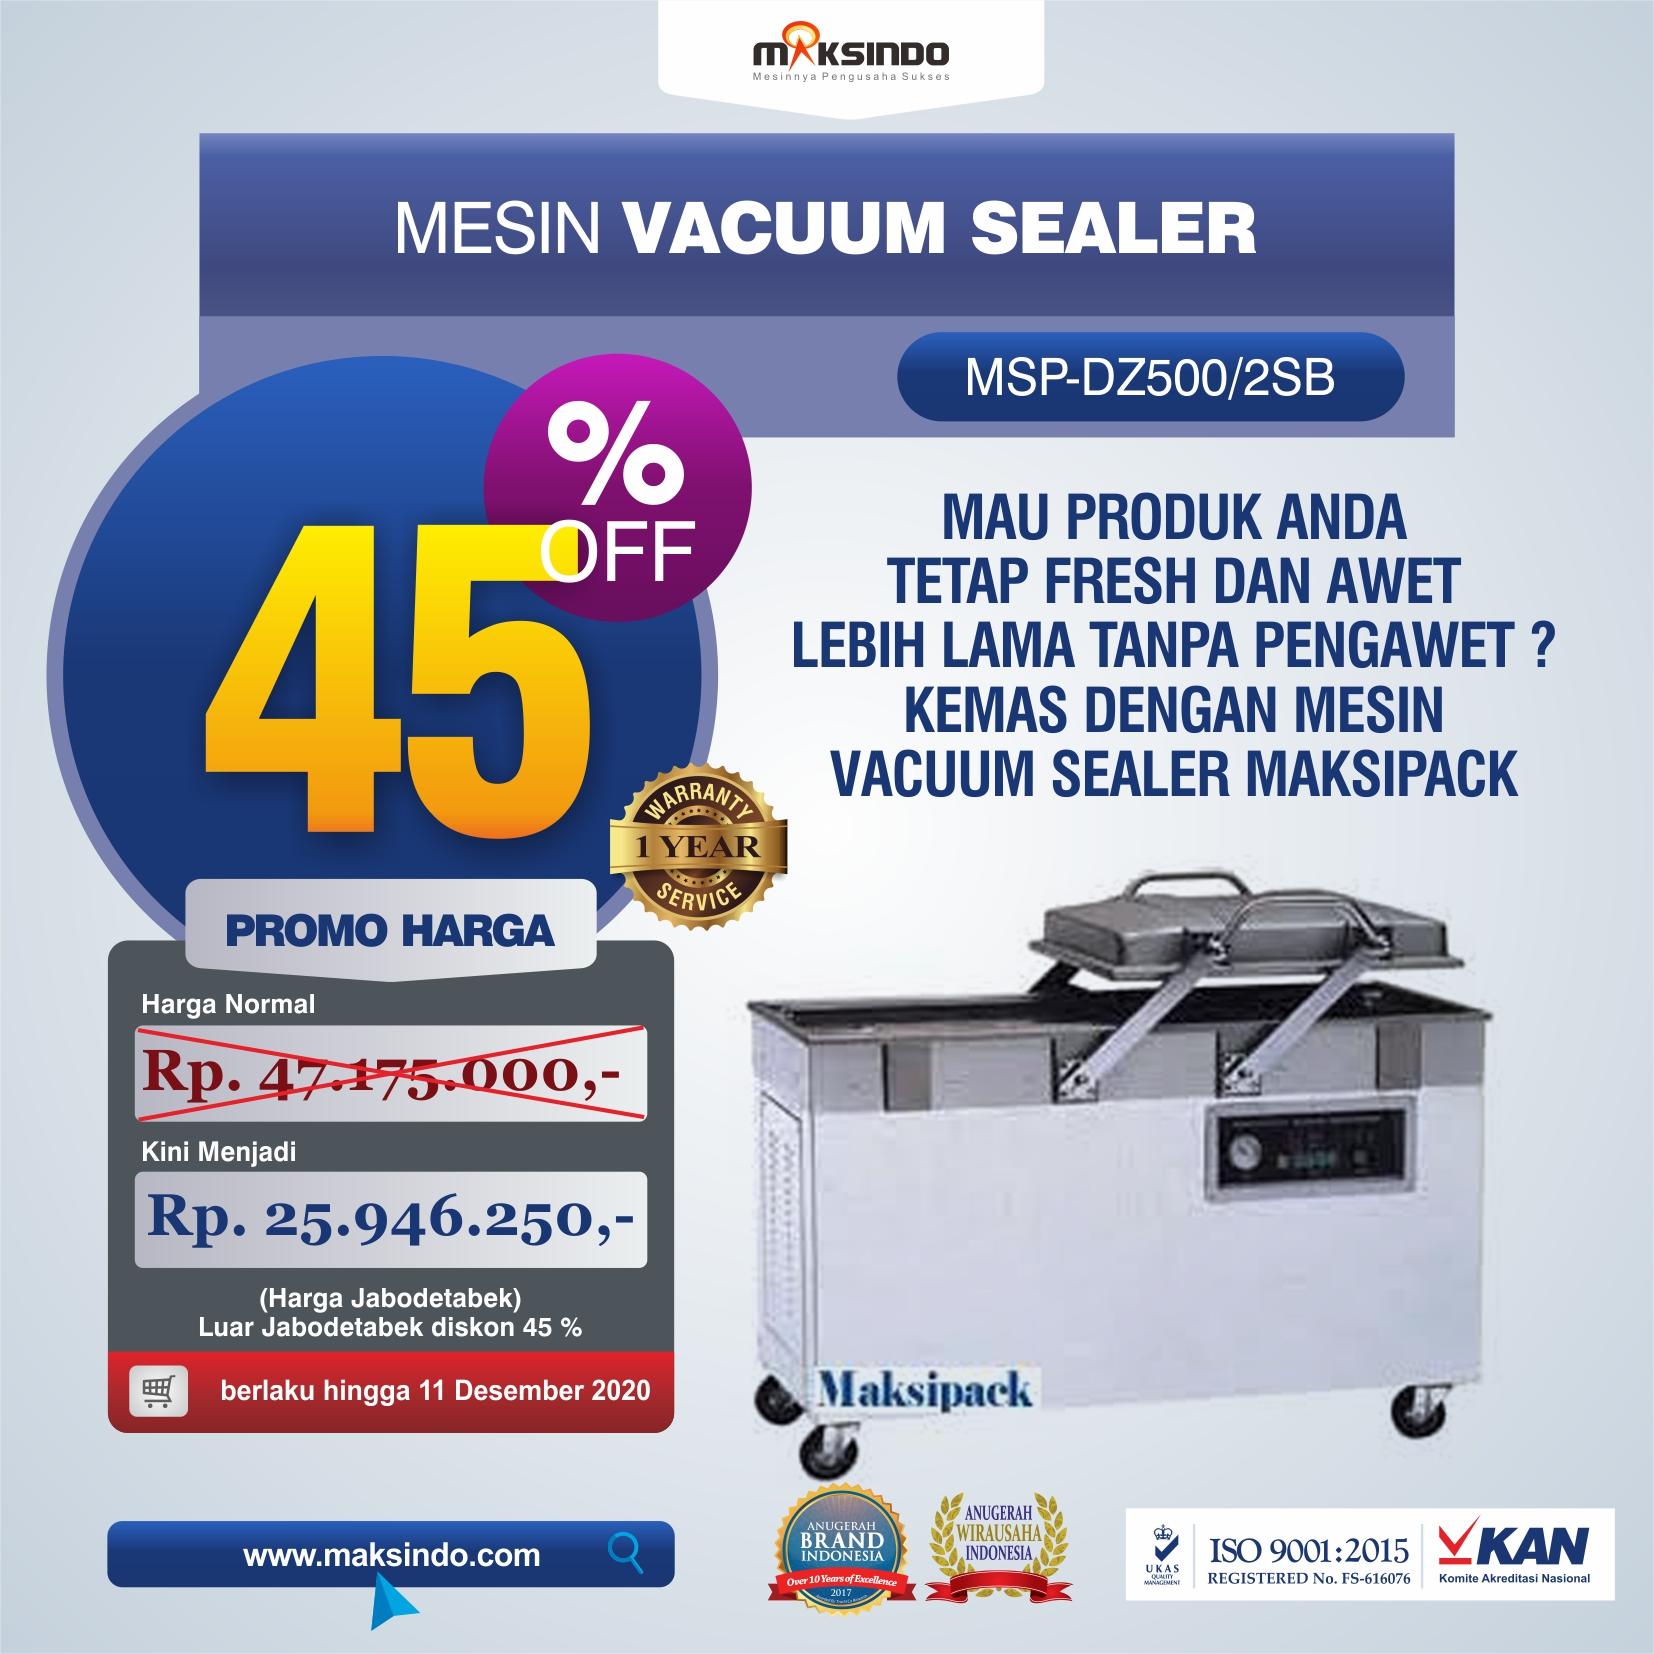 Jual Mesin Vacuum Sealer (DZ500/2SB) di Bekasi